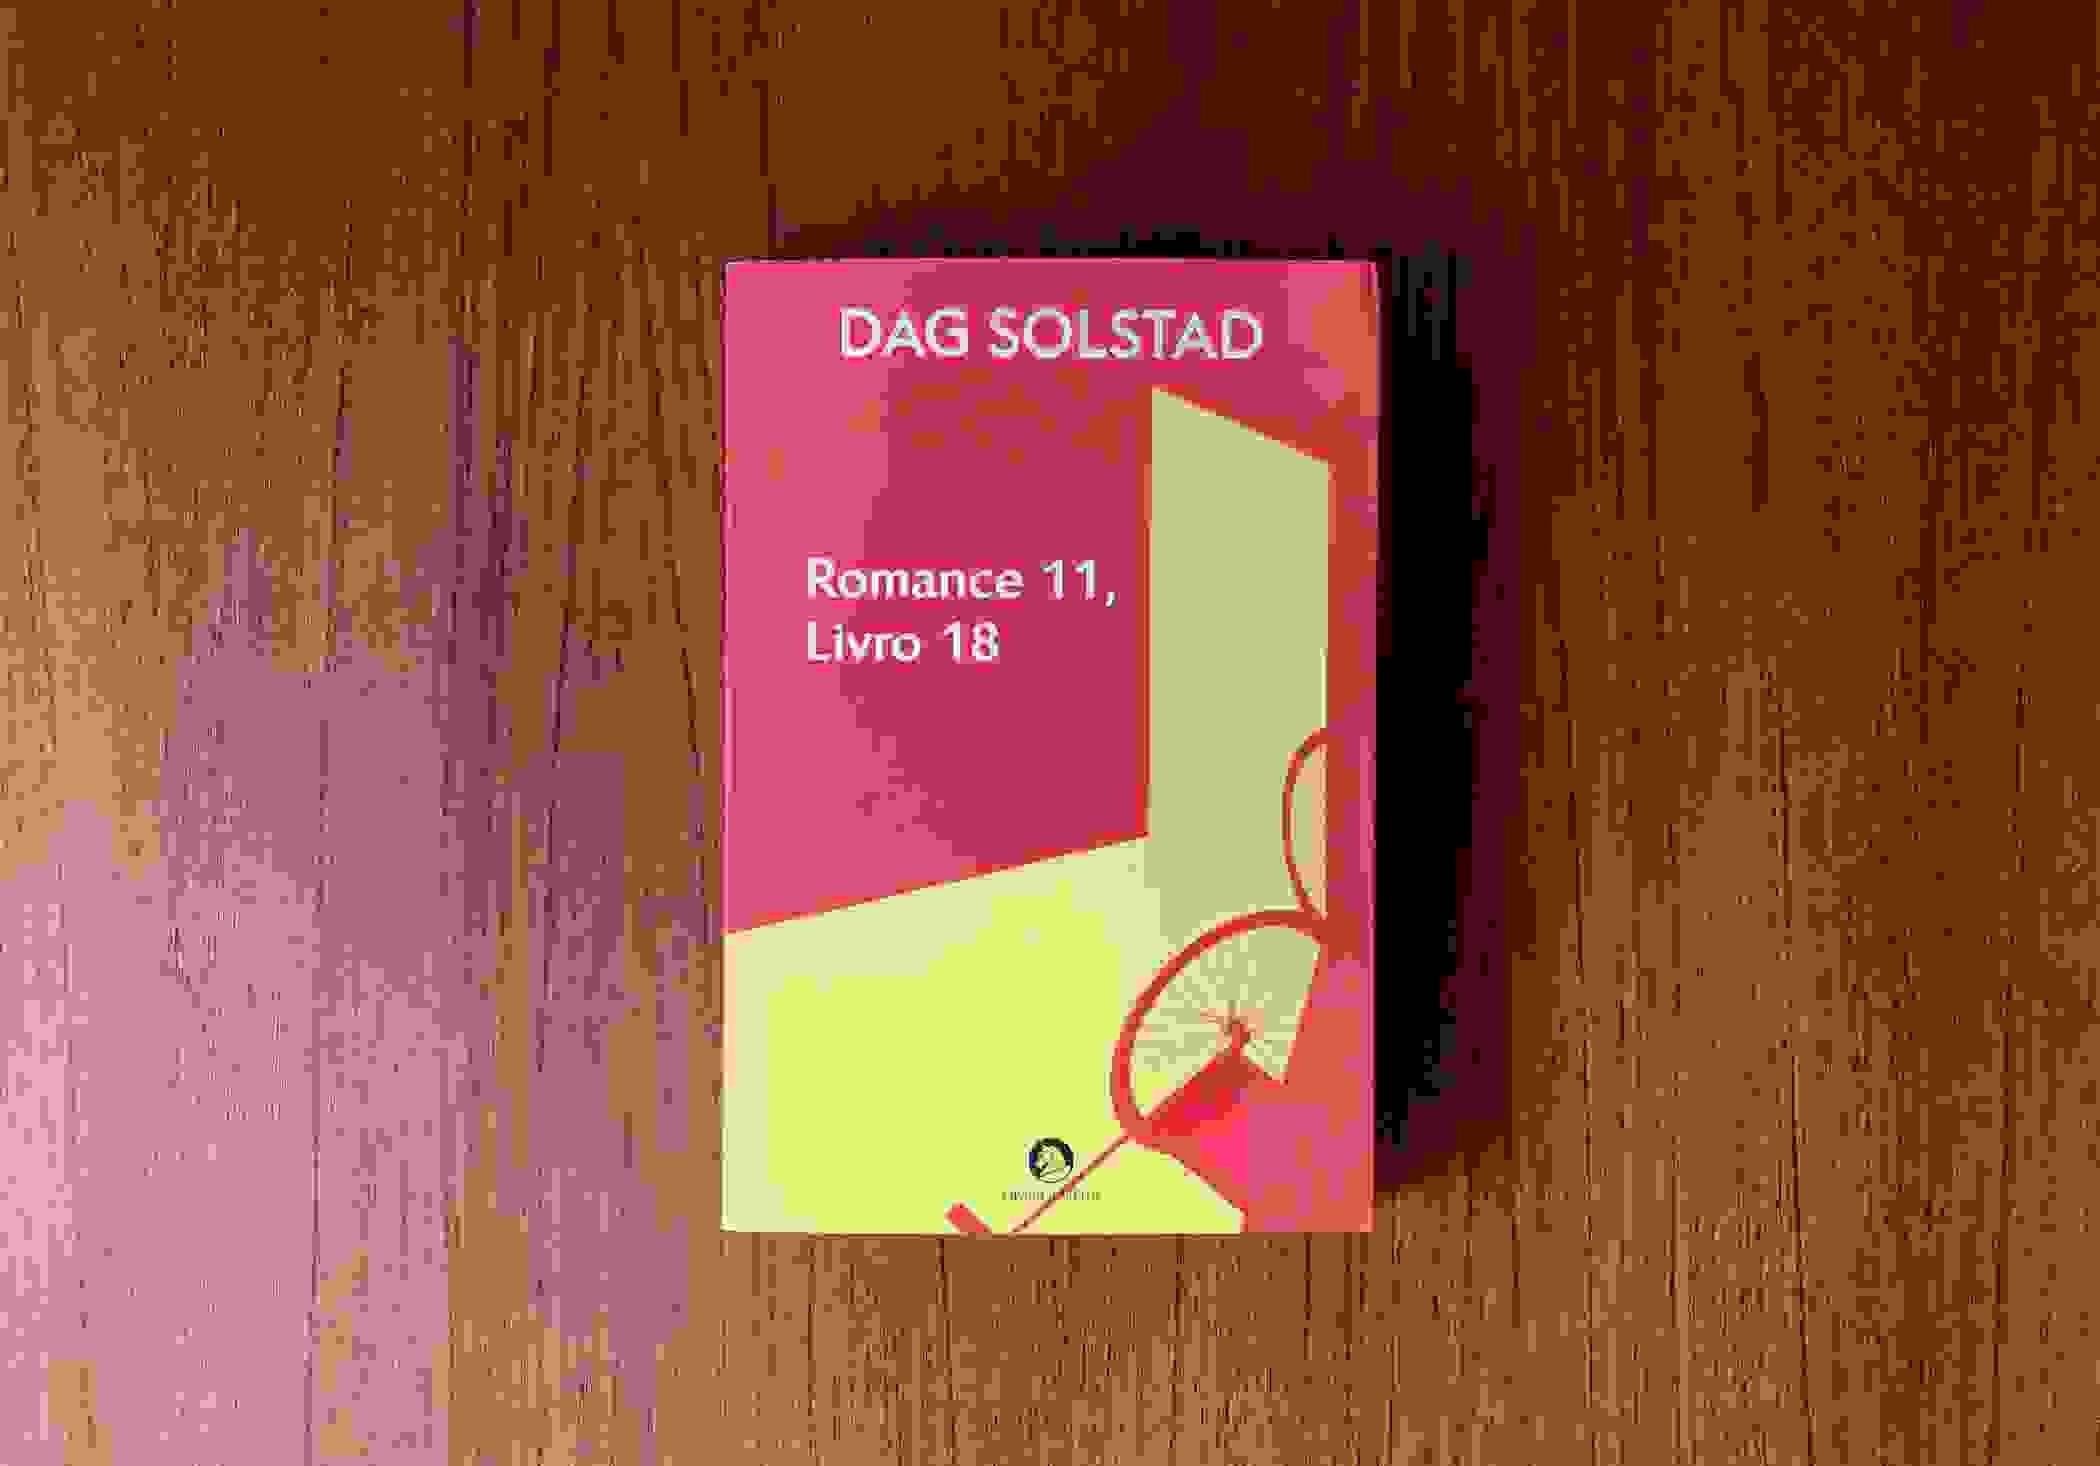 """A insignificância da vida em """"Romance 11, Livro 18"""", de Dag Solstad"""